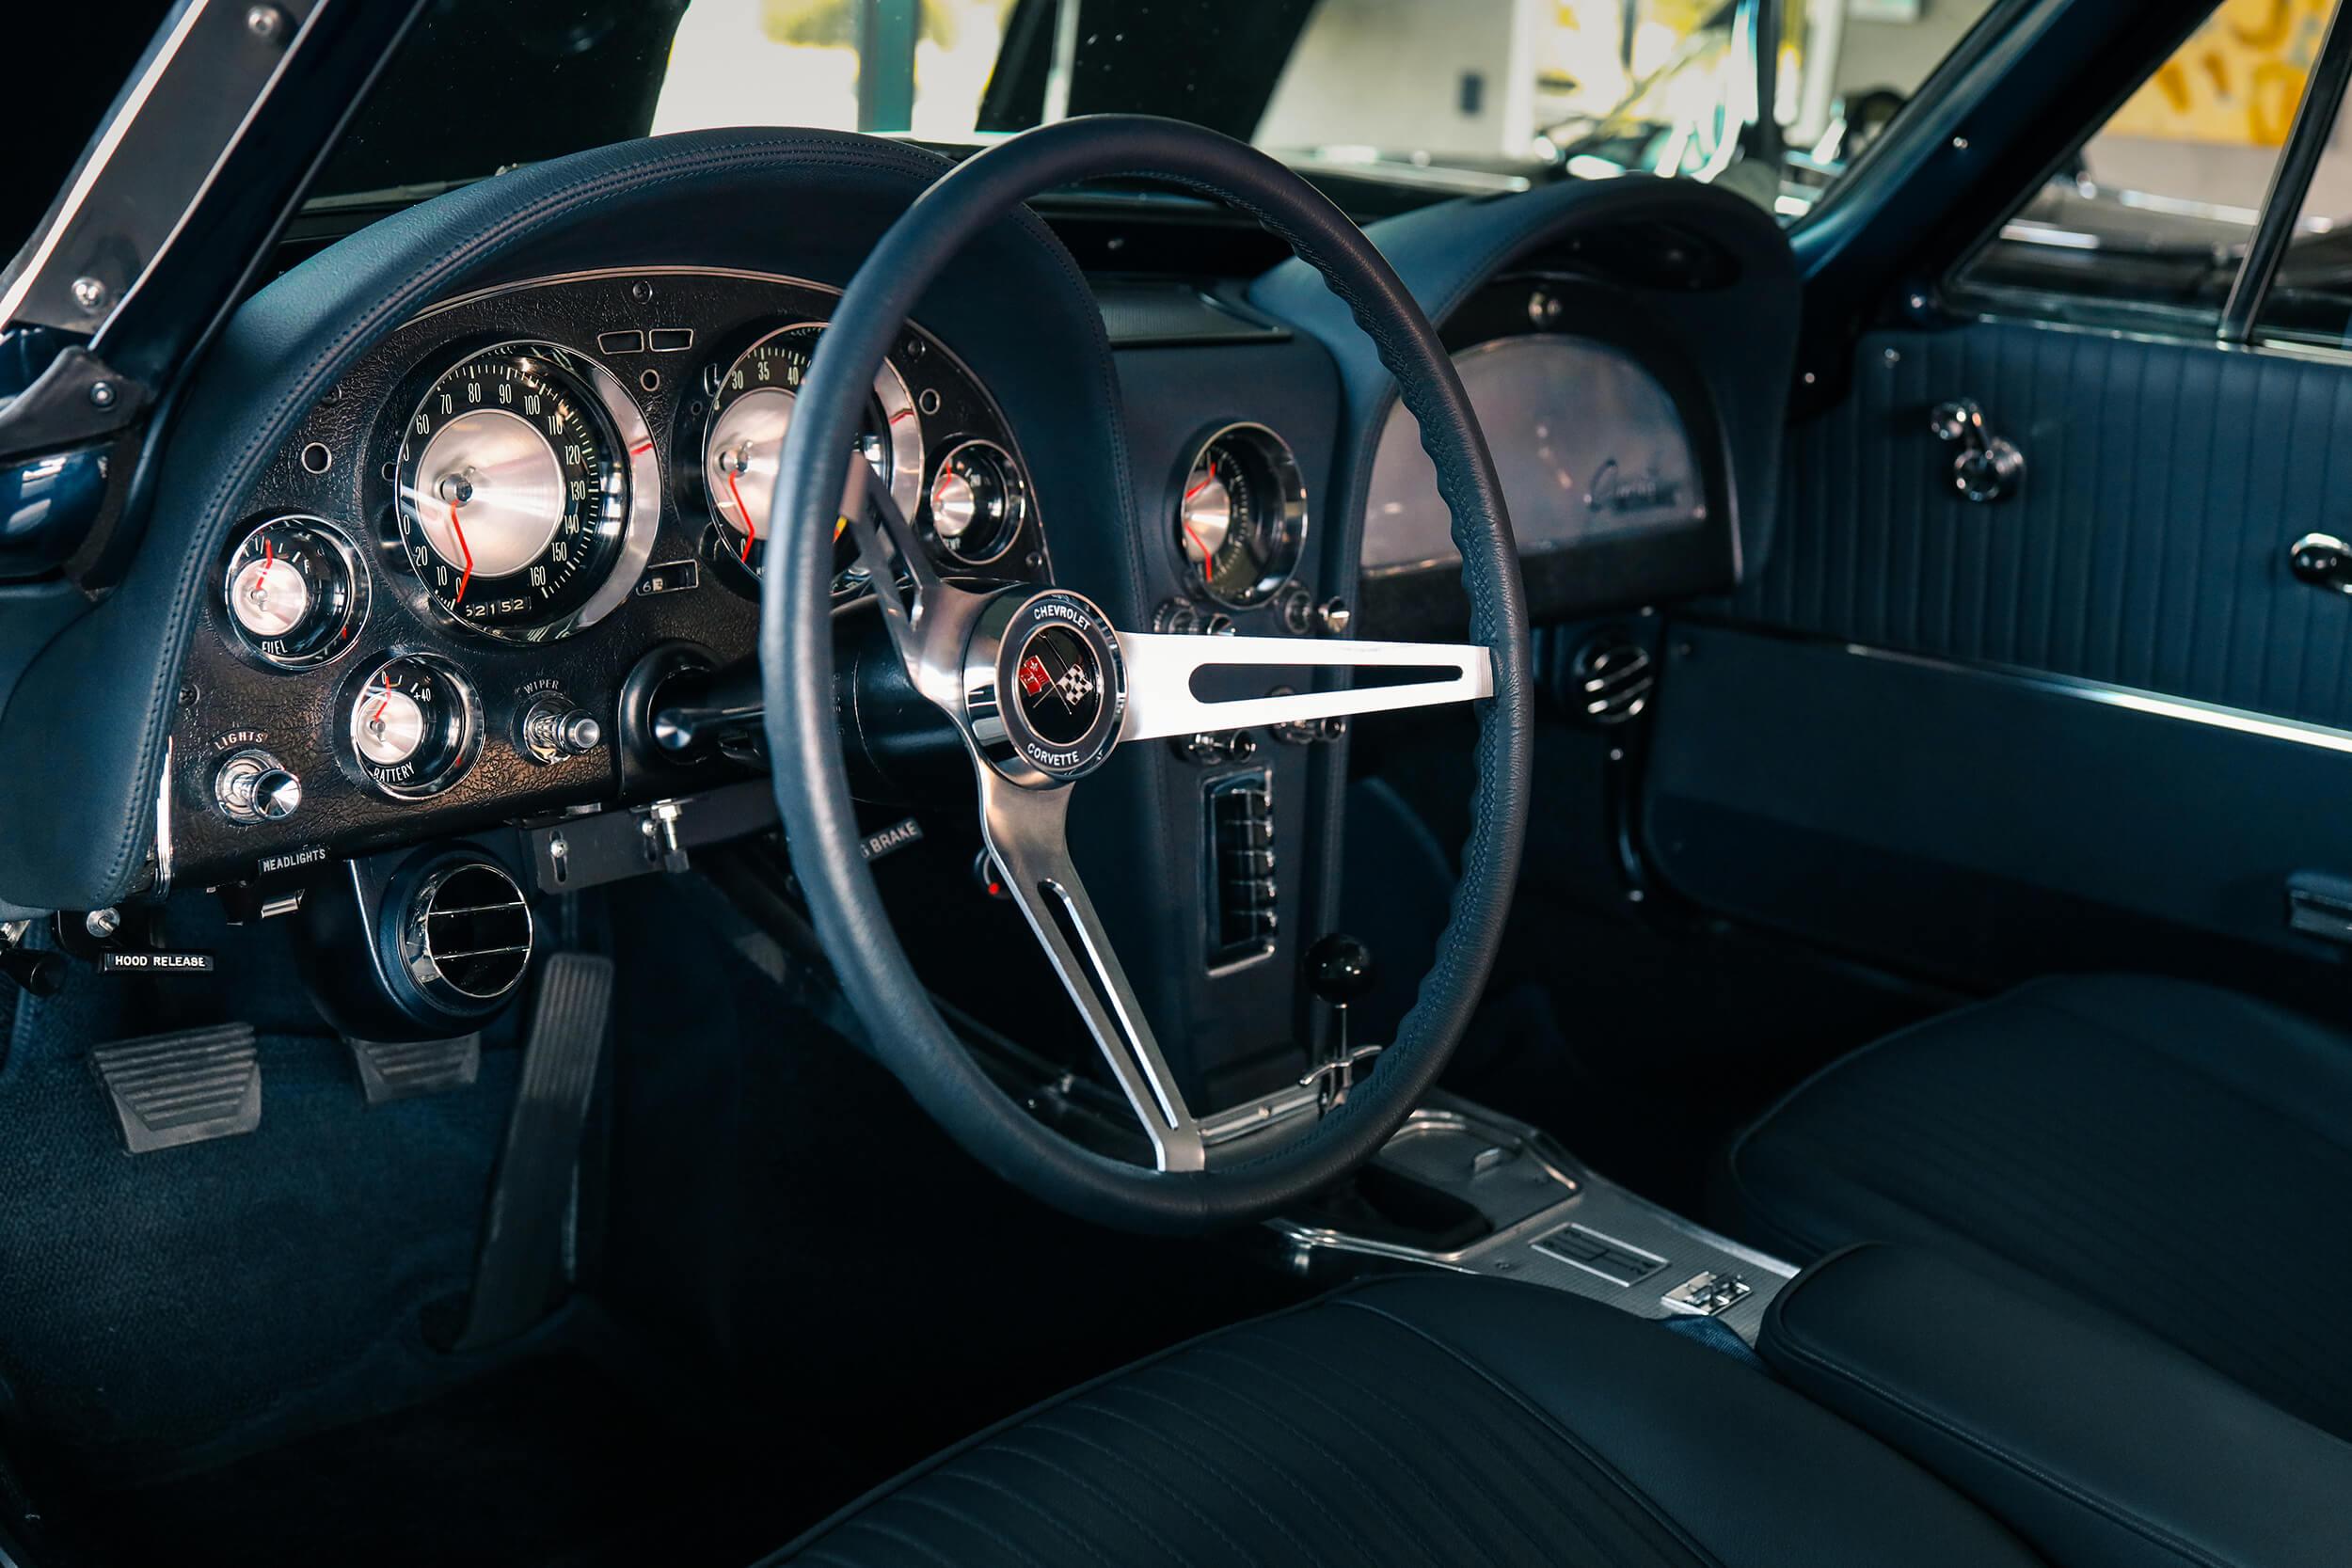 Autosattlerei Pirna - V8 Werk: die 1963er Corvette C2 Splitwindow überzeugt mit blauem Echtleder als Interieur.